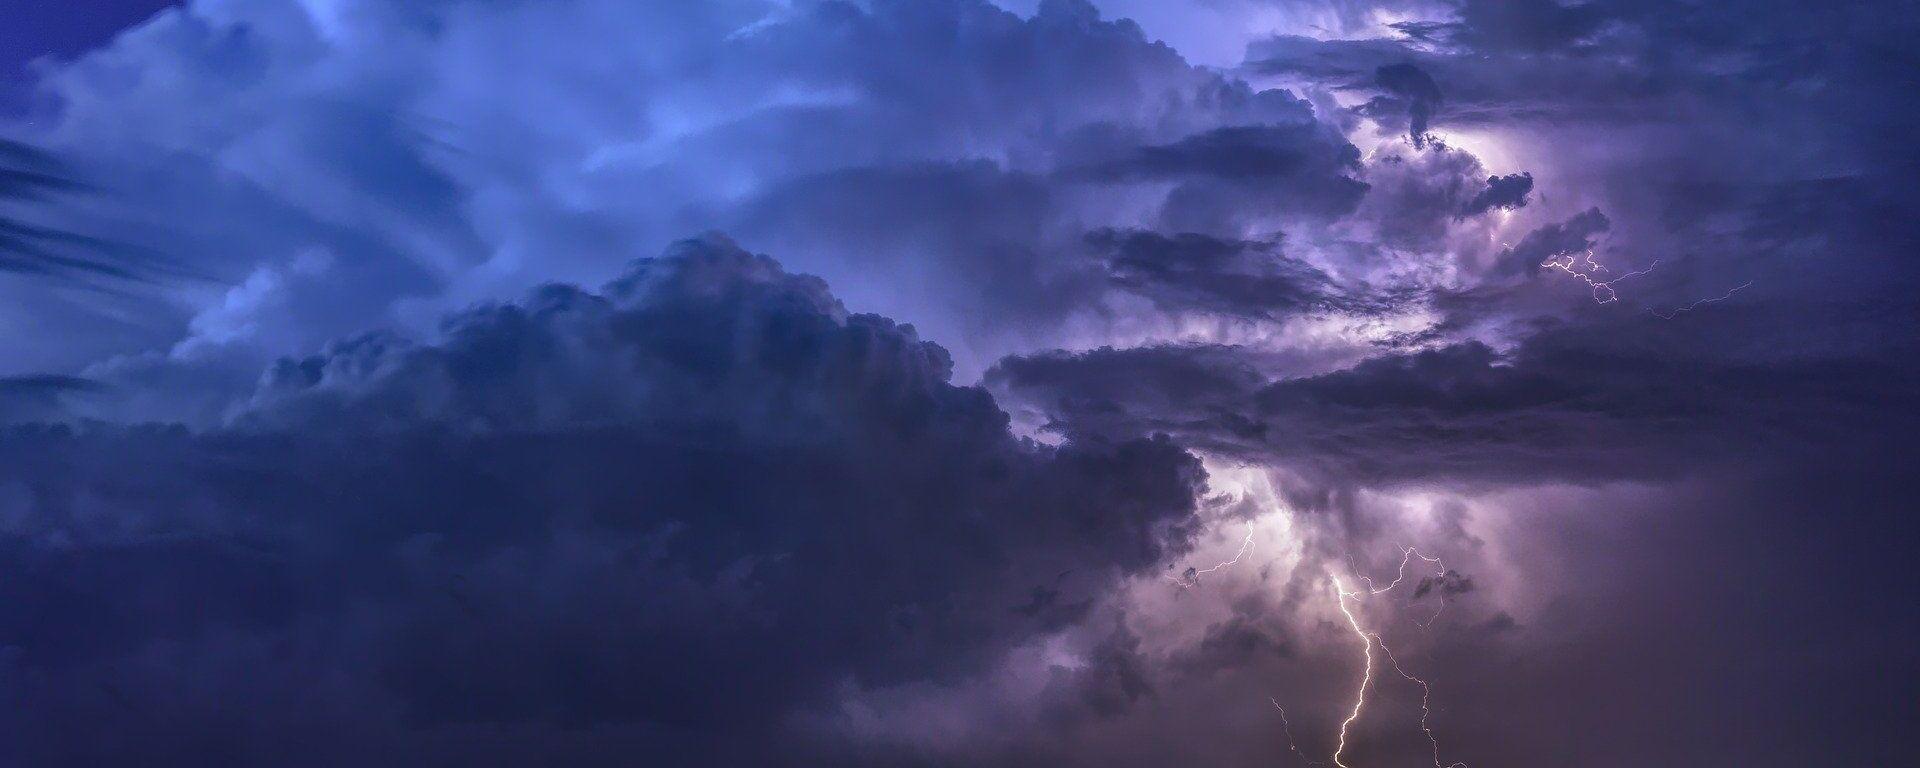 Κεραυνός σε νυχτερινό ουρανό (φωτ. αρχείου) - Sputnik Ελλάδα, 1920, 20.09.2021